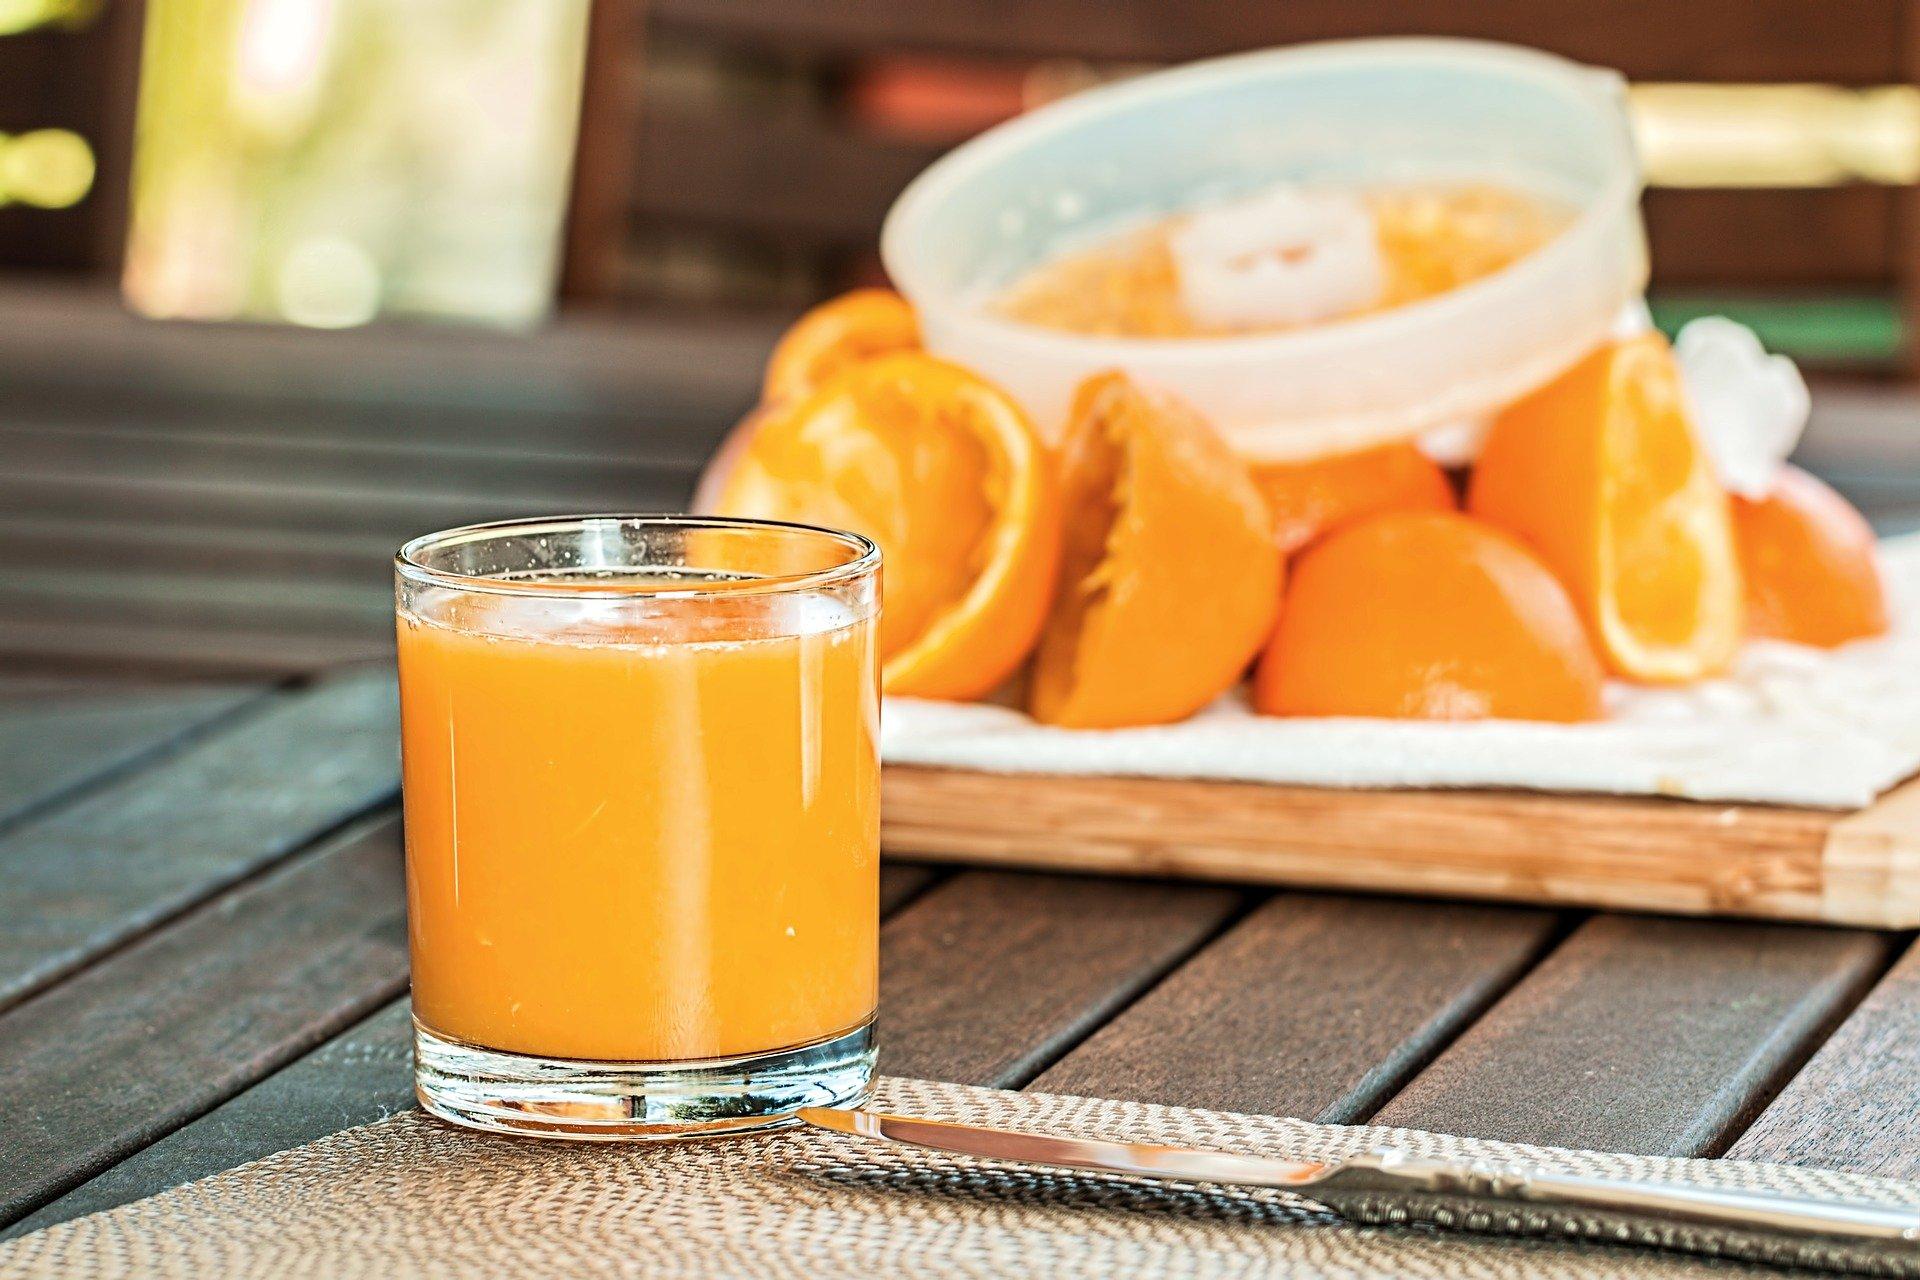 Рейтинг лучших марок апельсинового сока и нектара на 2021 год